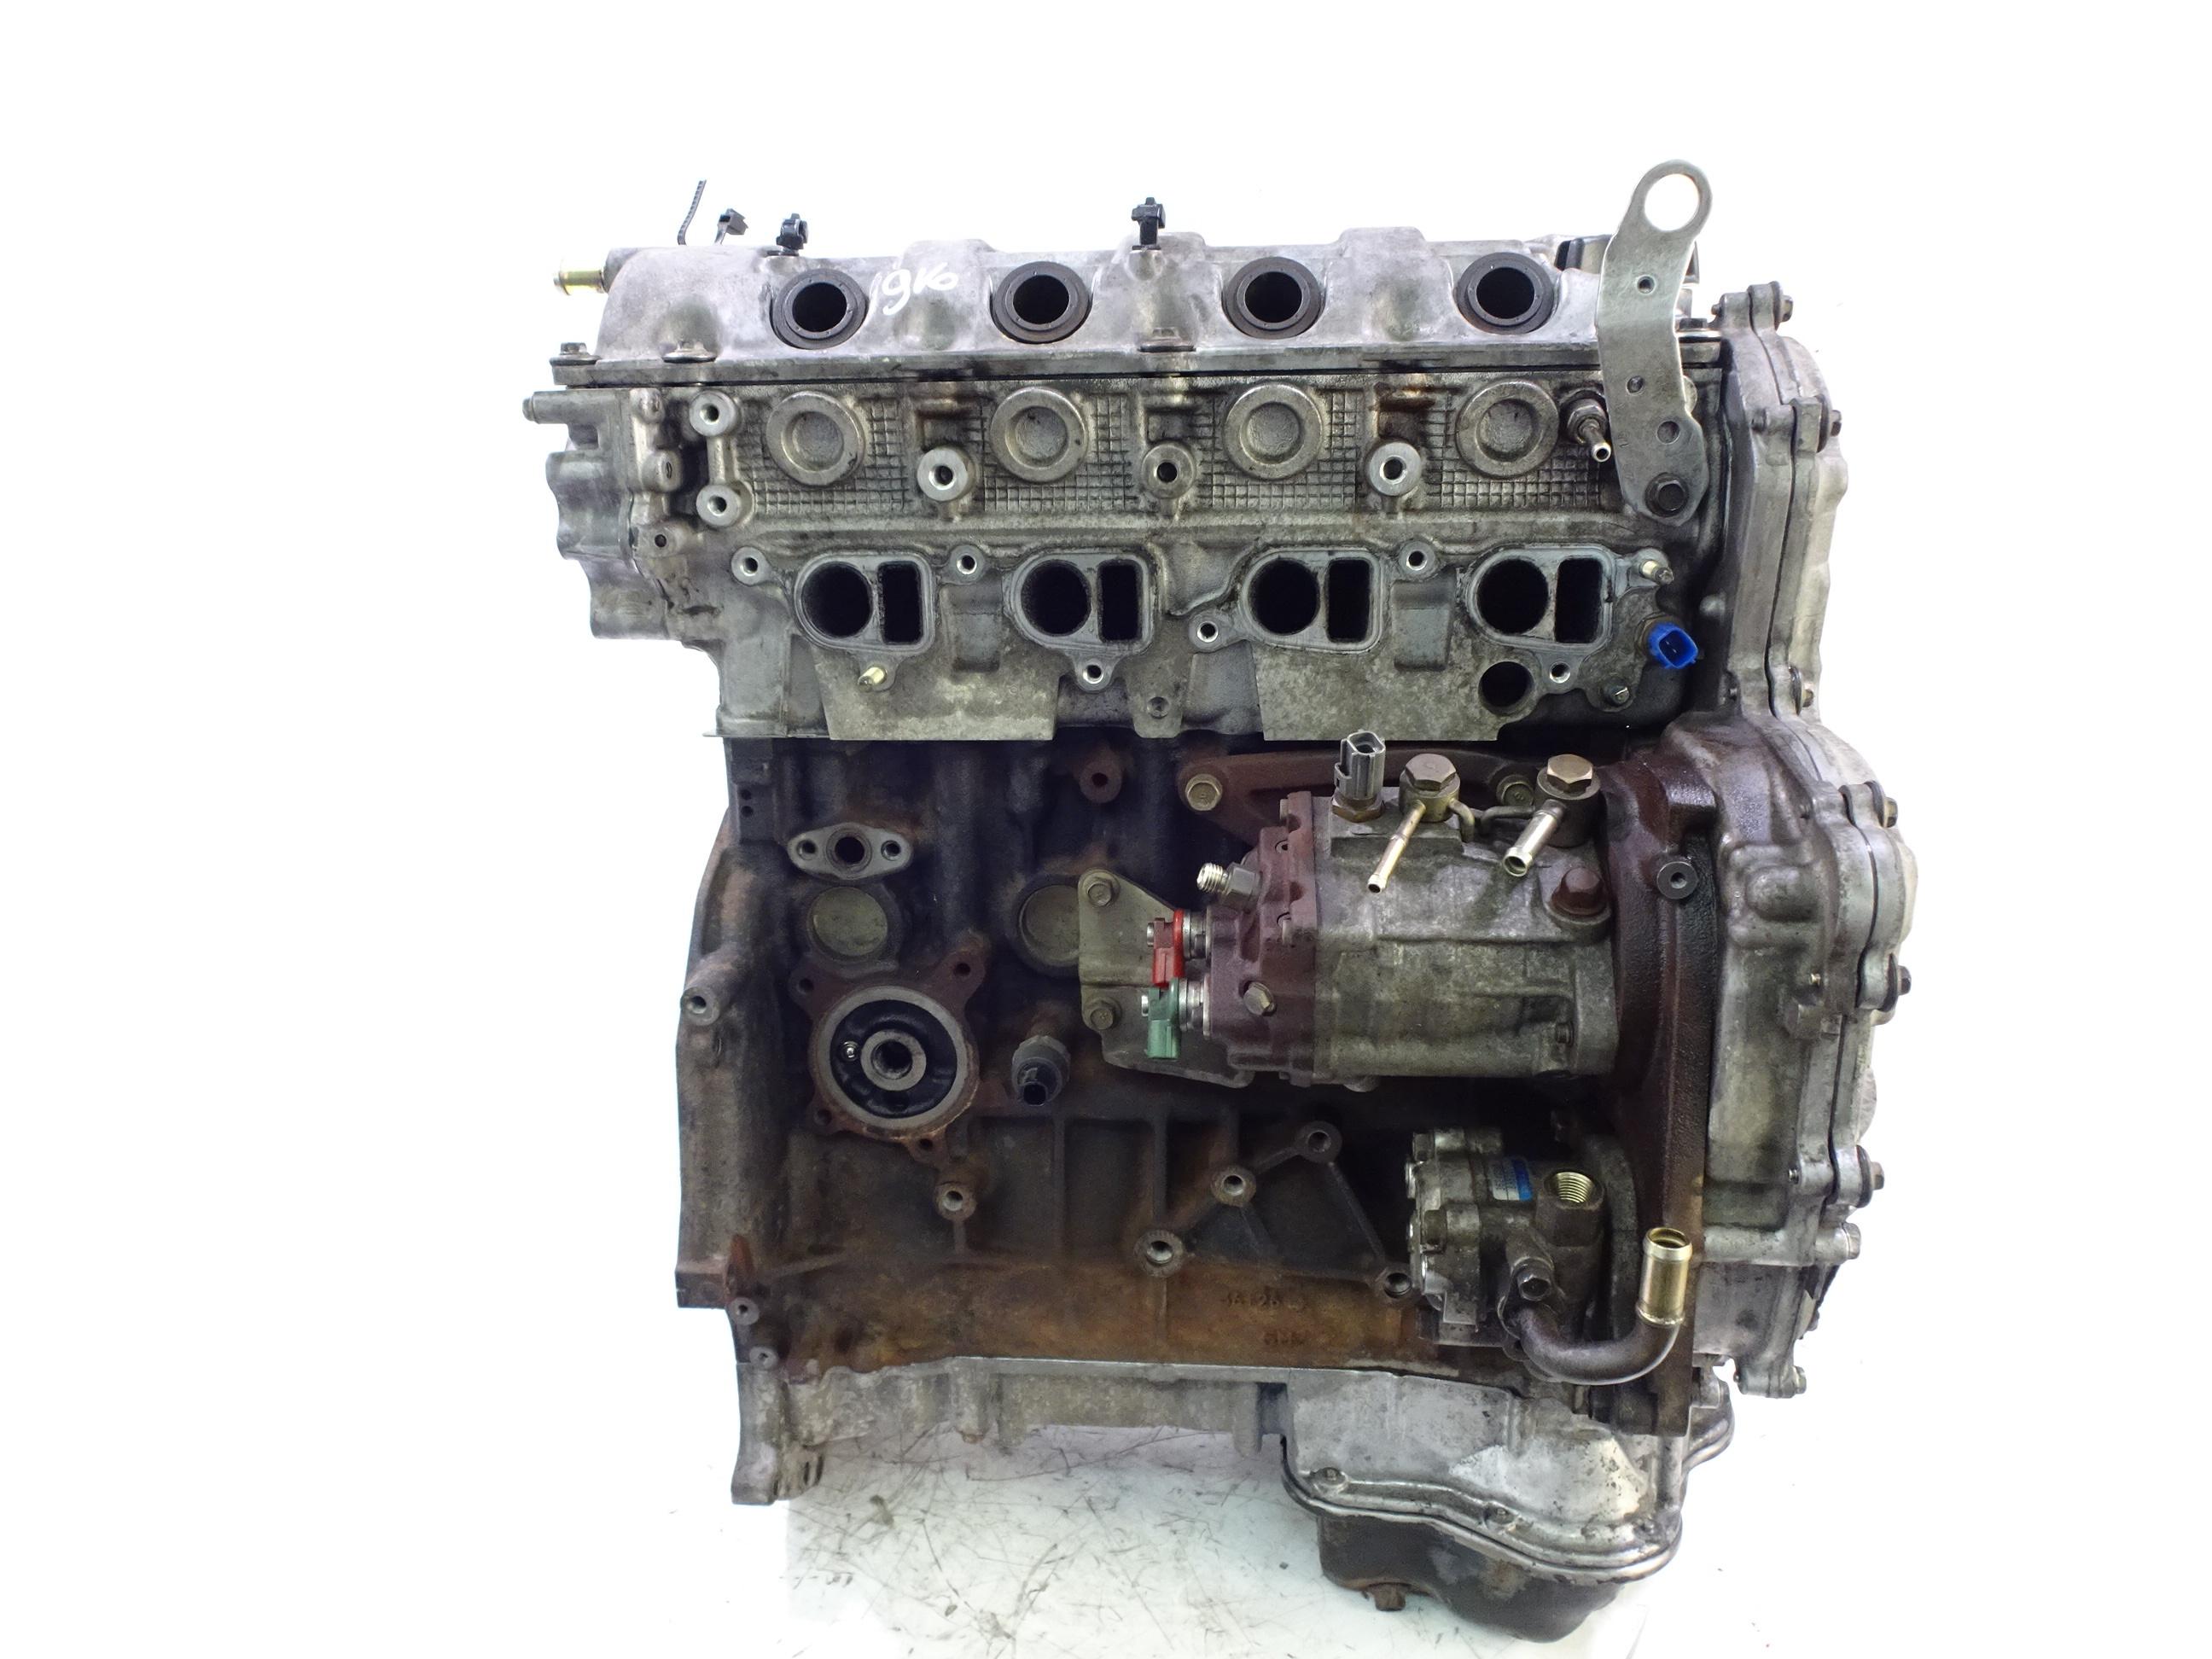 Motor 2003 für Nissan X-Trail T30 2,2 dCi Diesel YD22DDTI YD22